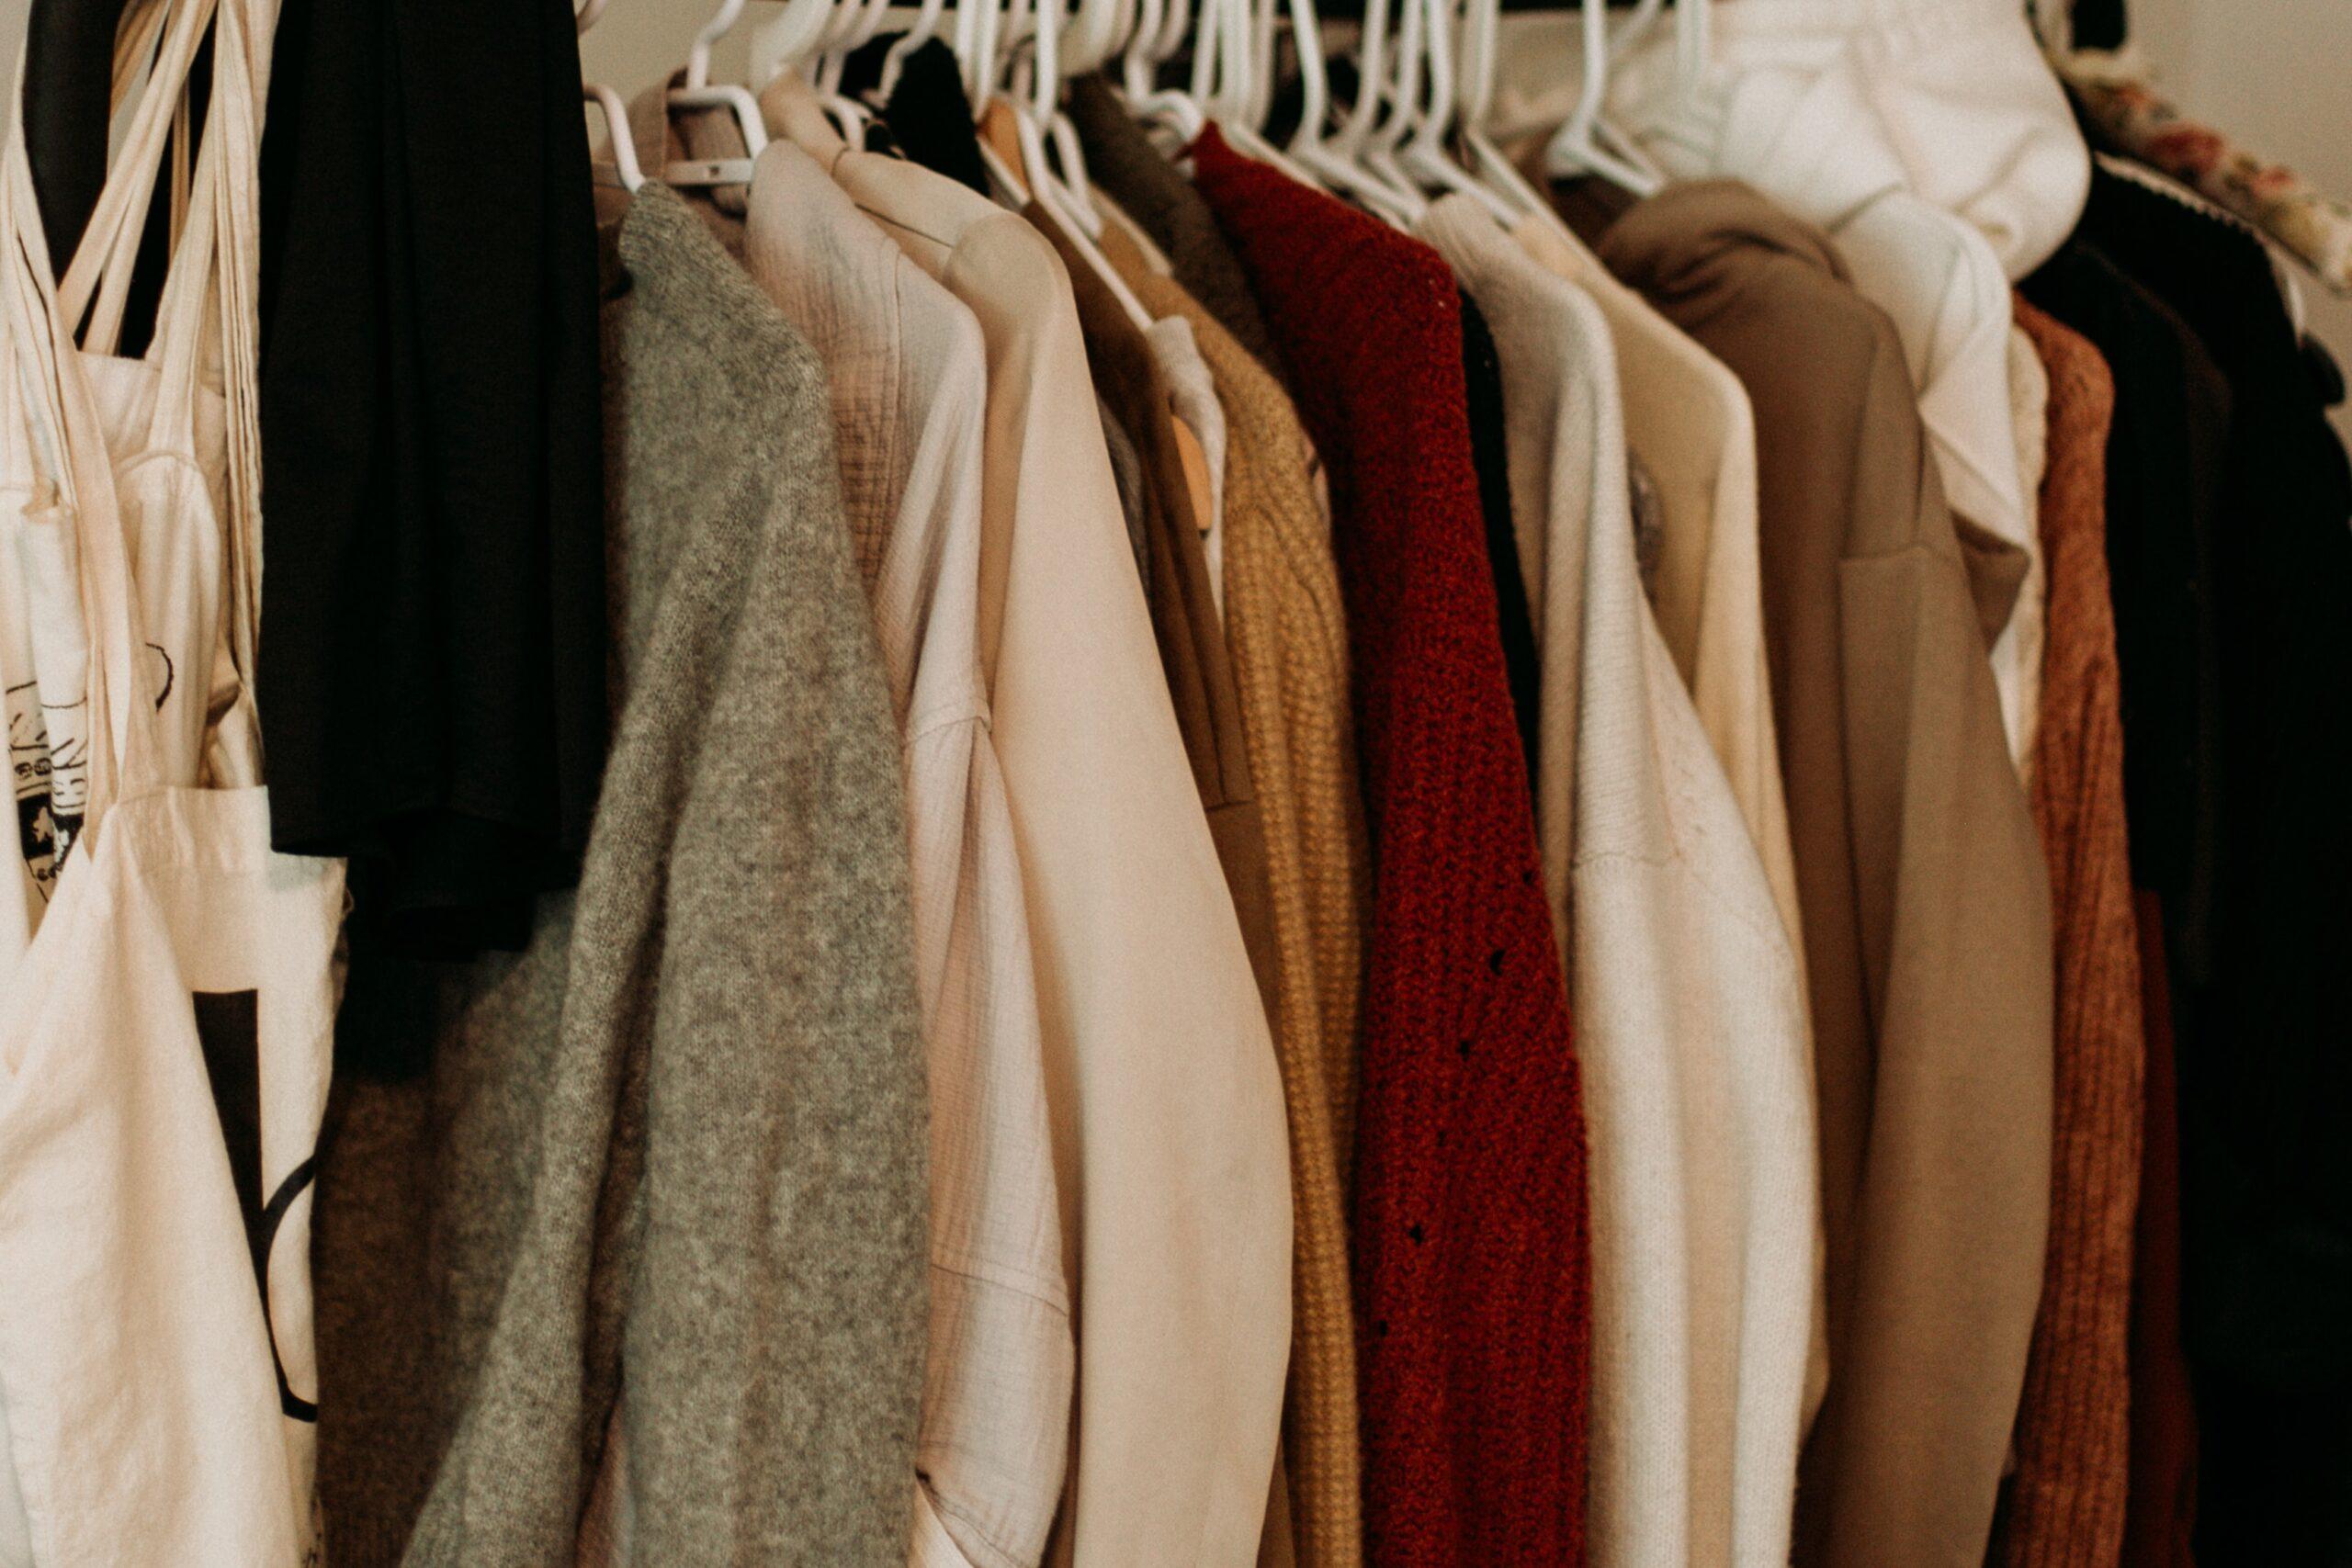 服を買いすぎてしまう・・・。これって浪費癖?原因はストレスかも!?